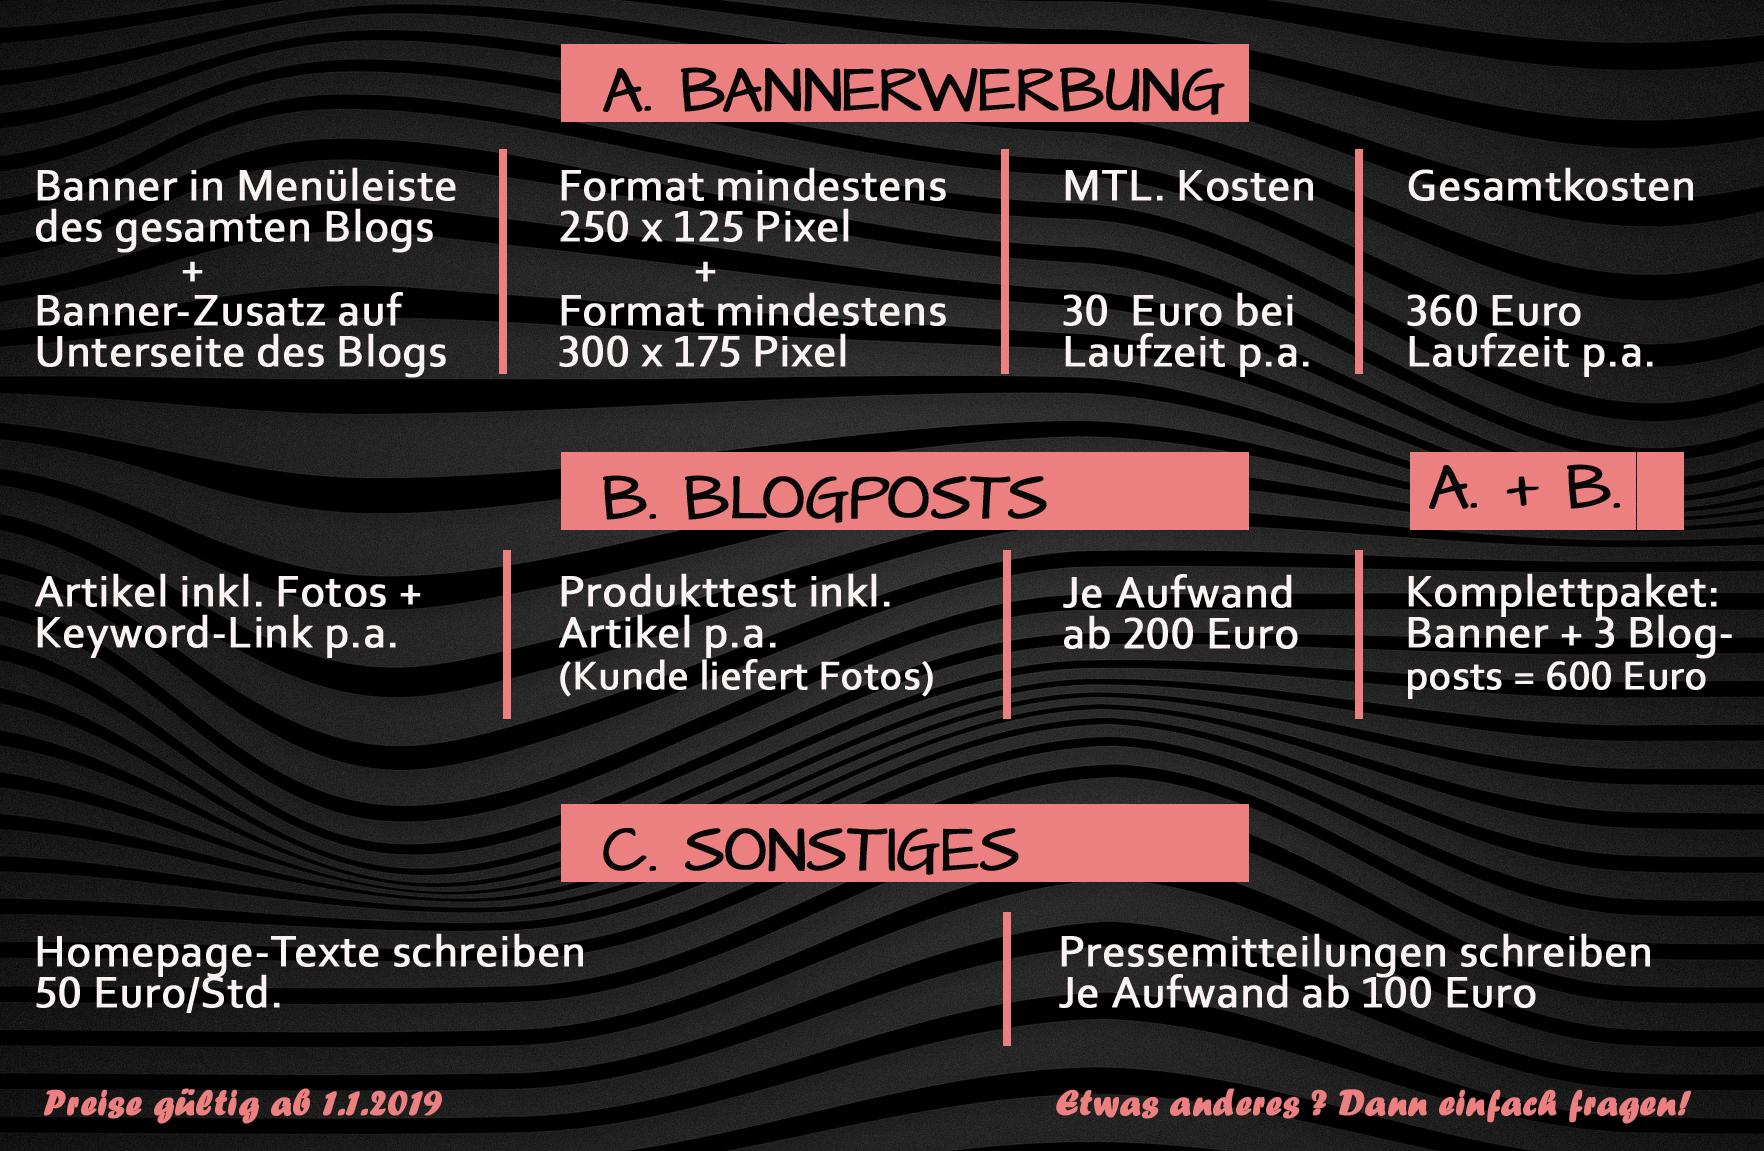 Preisliste, Konditionen, Bannerwerbung, Werbung, Heidi vom Lande, Blog, Bloggerin, Sponsored Posts, Blogpost, Texte für Homepage, Pressemitteilungen, PR-Arbeit, Preise, Hamburg